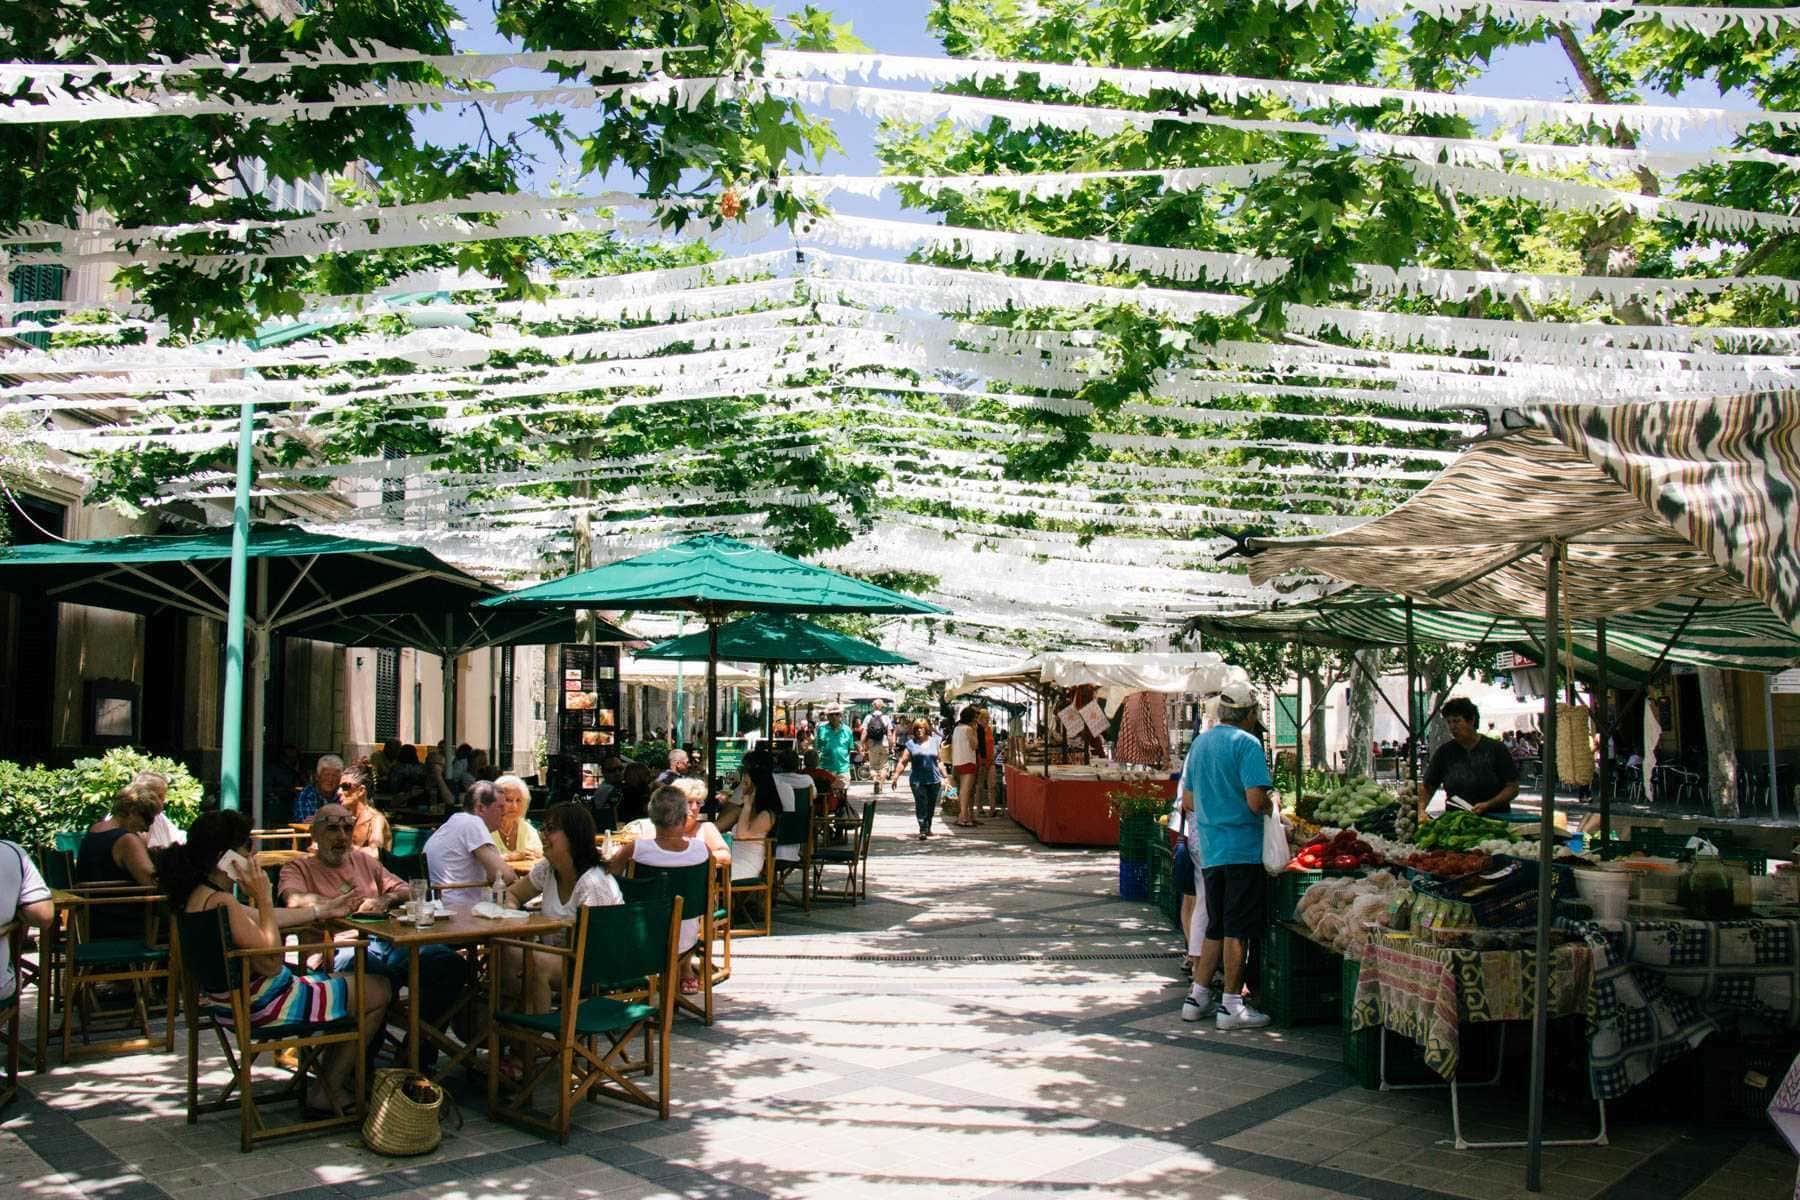 Markt in Esporles: Im Mallorca der Mallorquiner